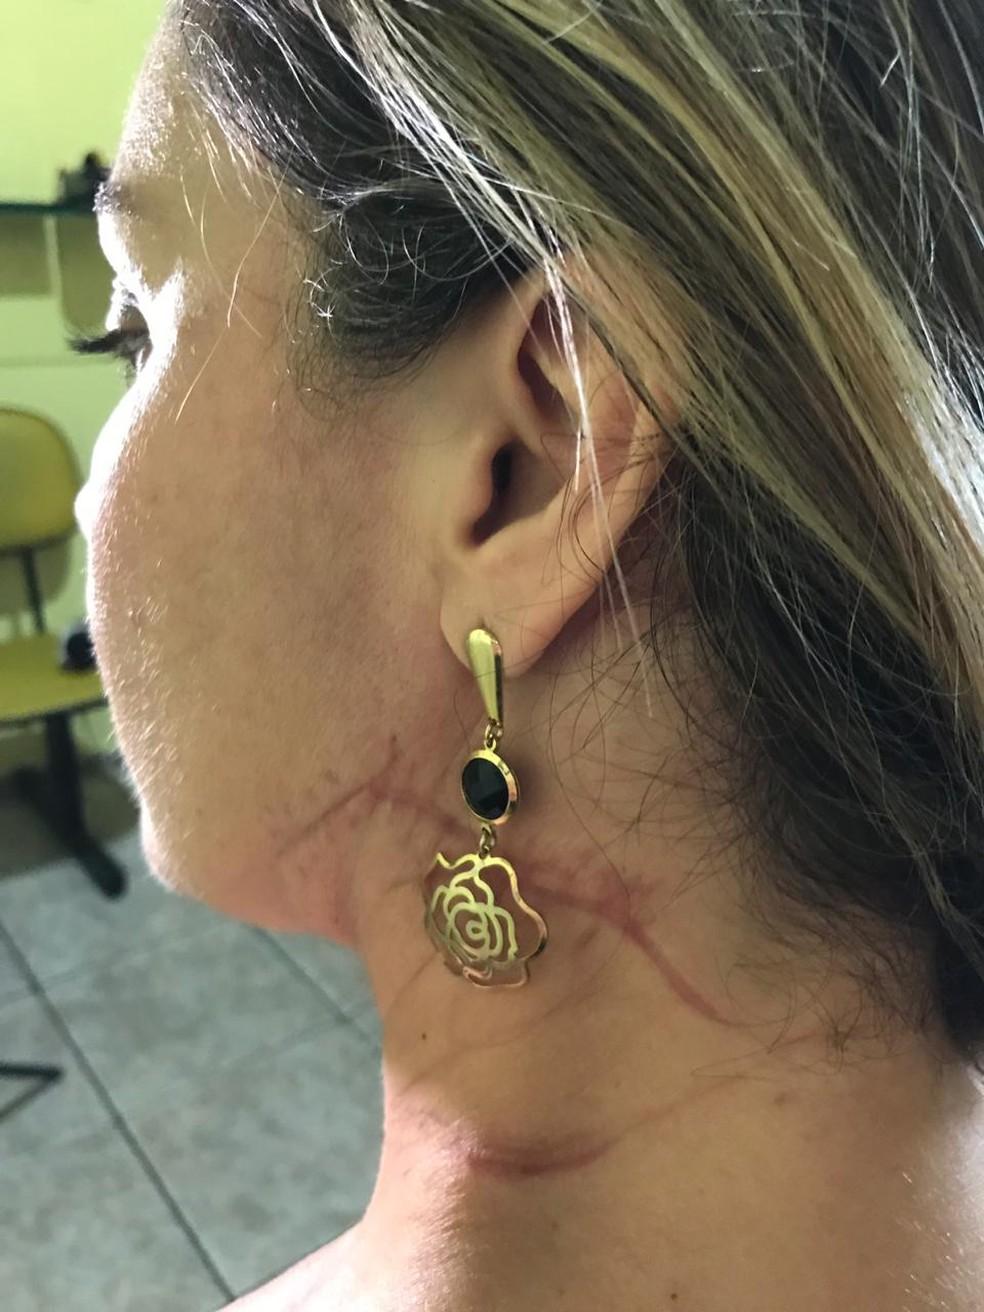 Vendedora Aline Guimarães foi esfaqueada mais de 70 vezes pelo ex-companheiro — Foto: Talita França/ TV Vanguarda